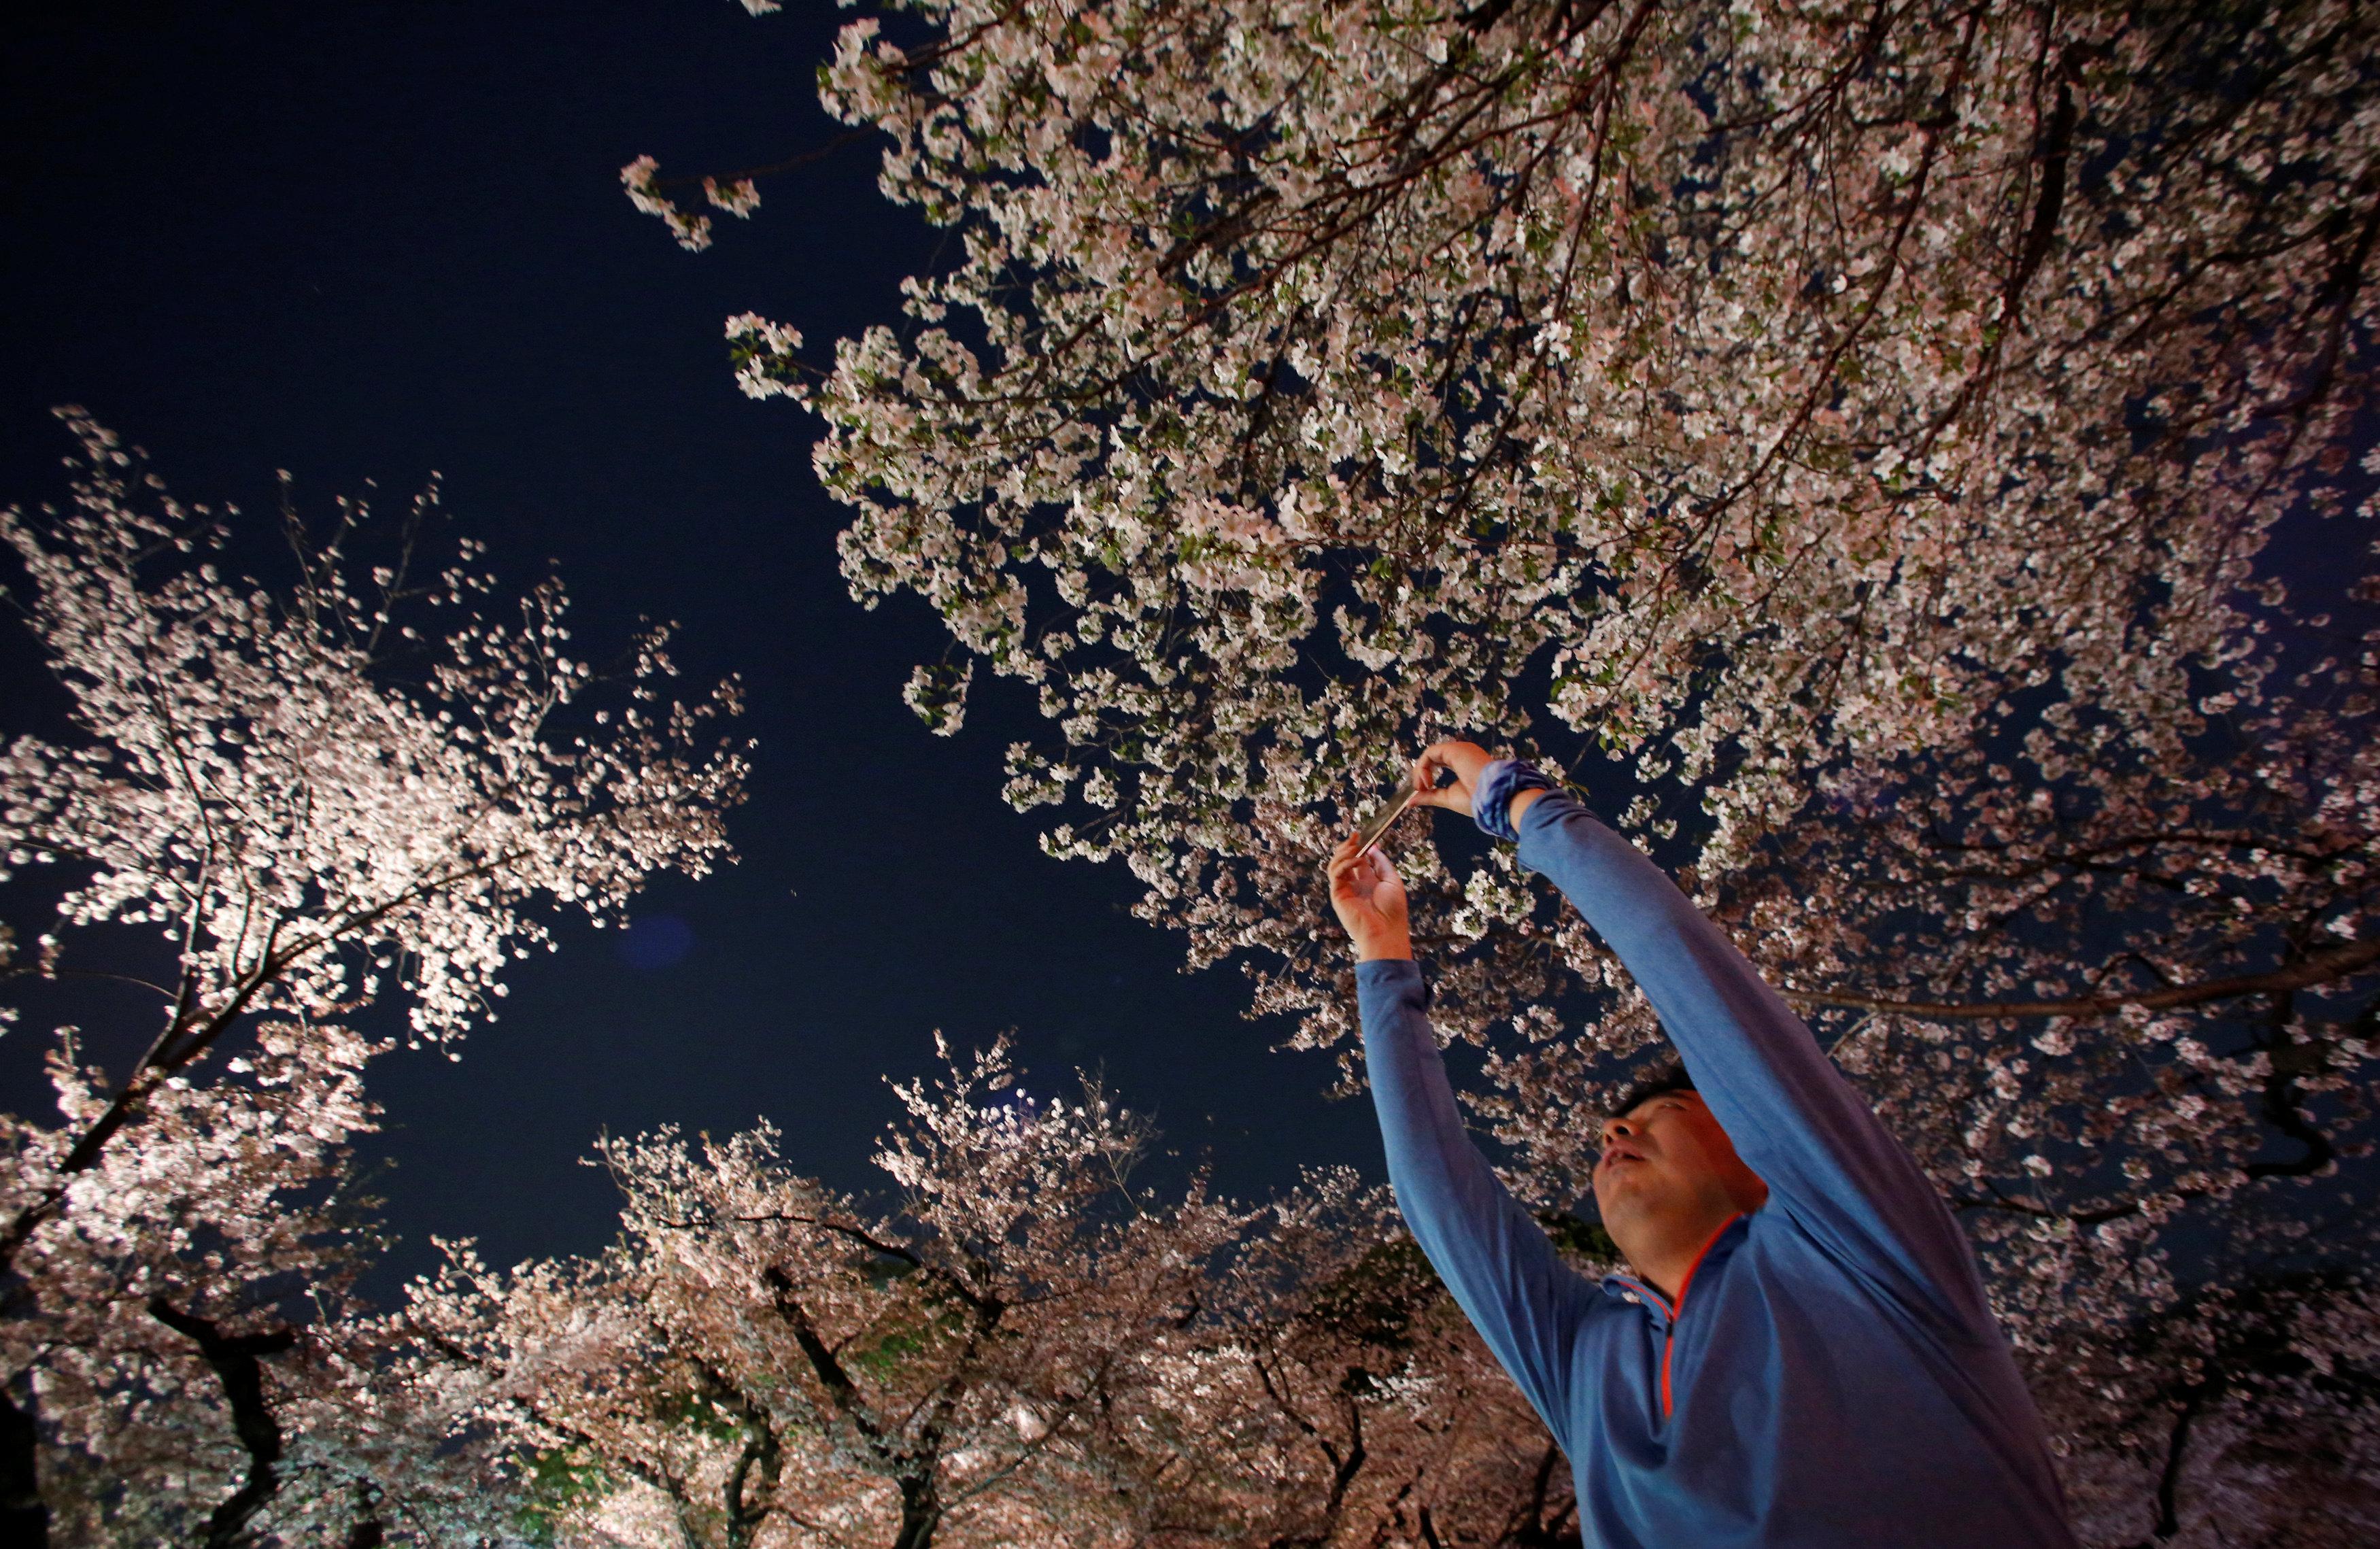 El parque Ueno en Tokio (Reuters/Issei Kato)